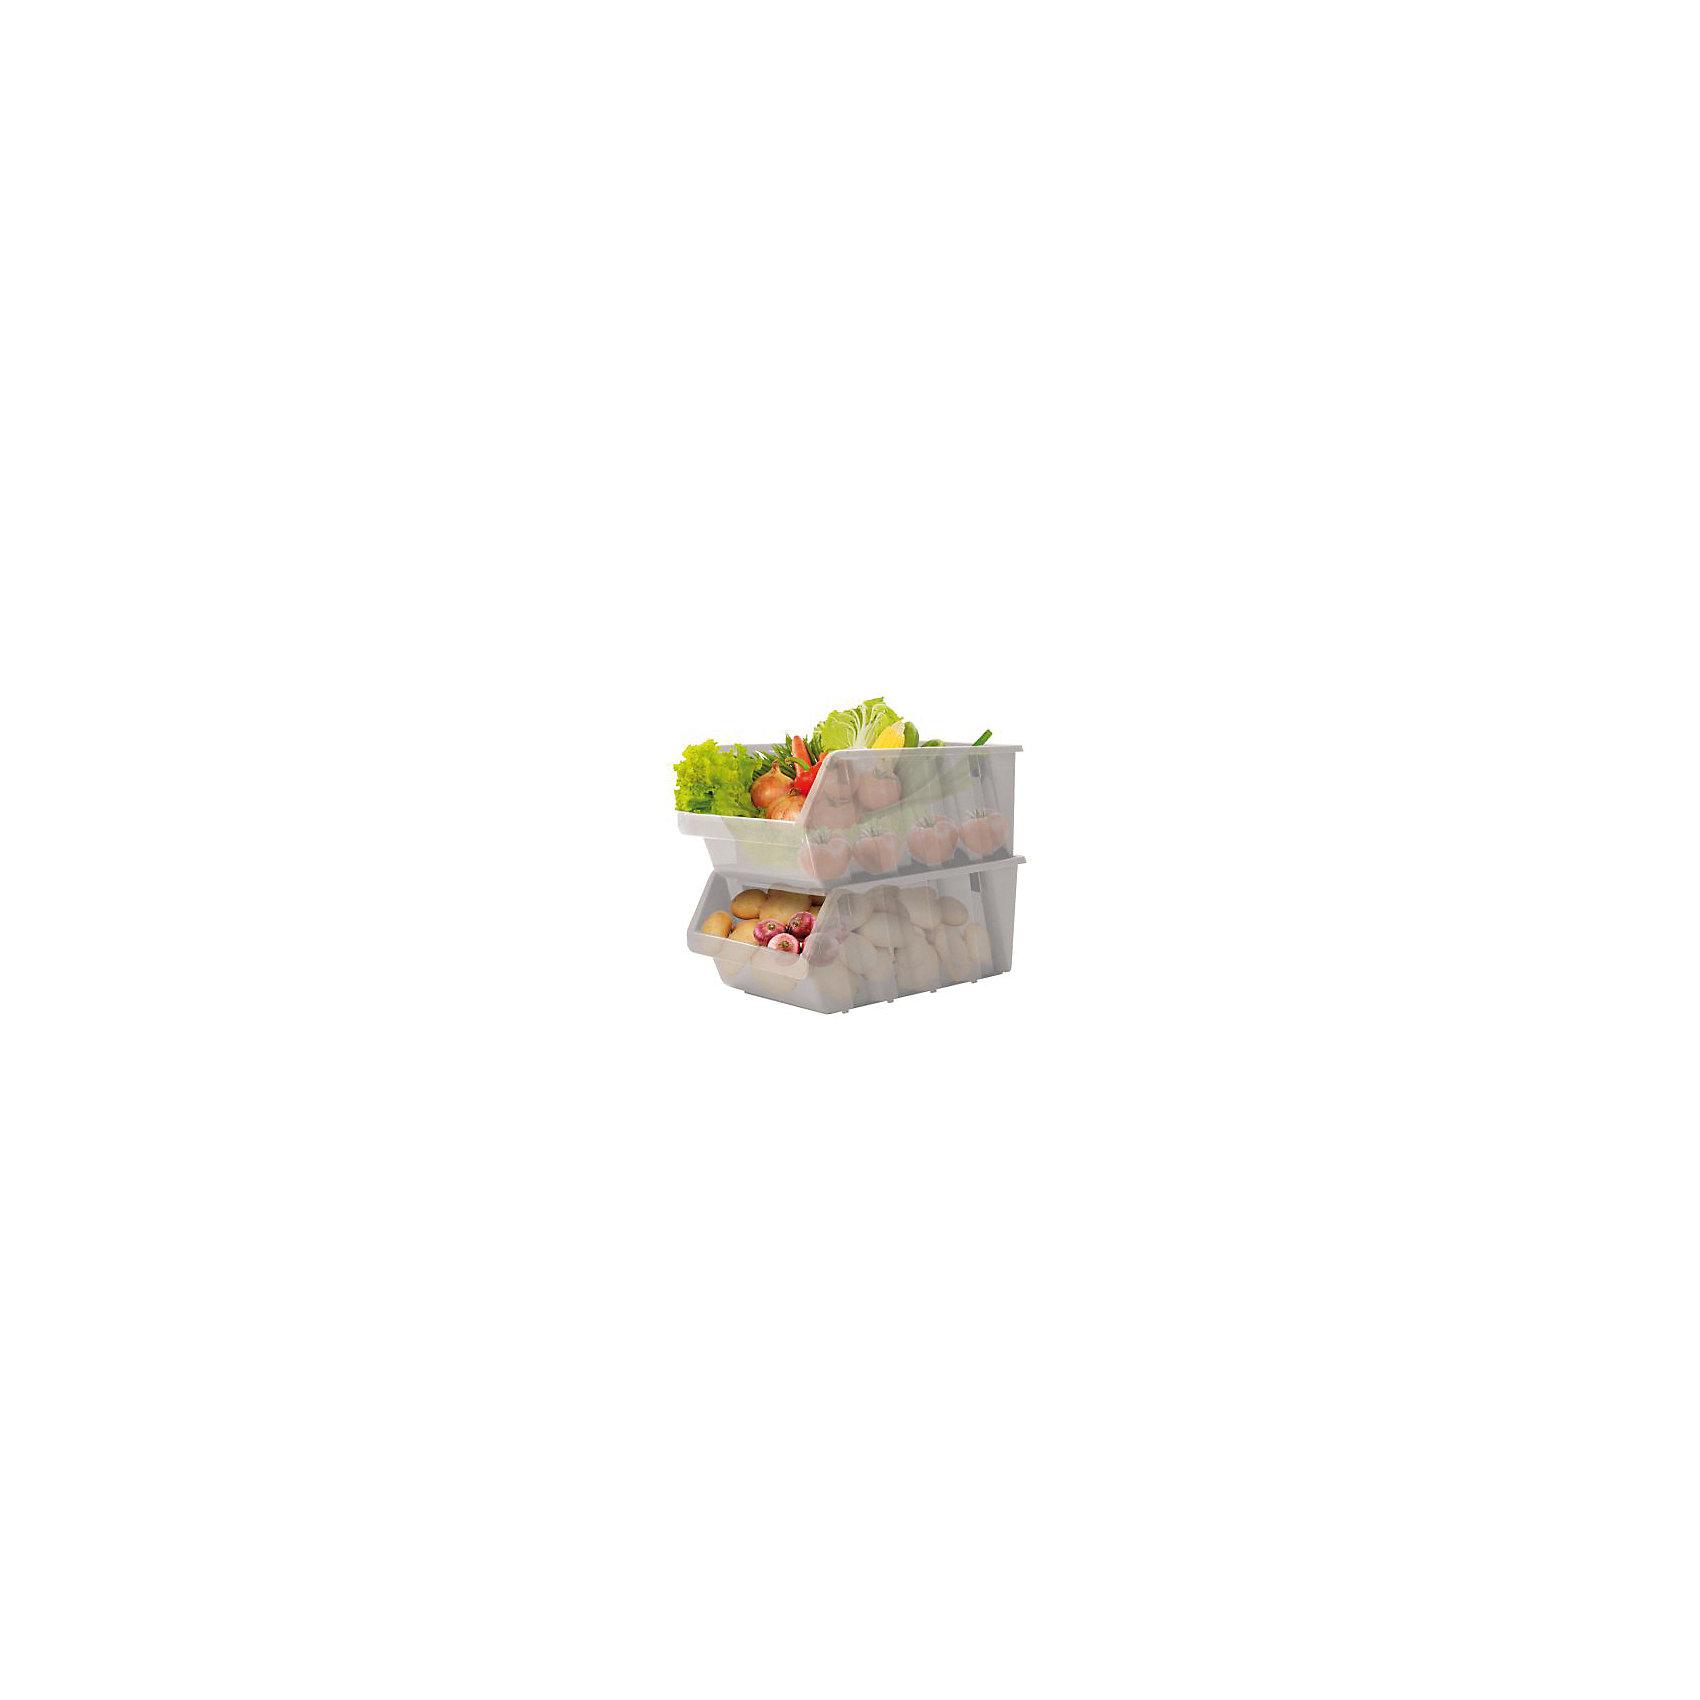 Емкость для овощей, BranQПосуда<br>Емкость для овощей, BranQ<br><br>Характеристики:<br><br>• цвет: серый<br>• материал: пластик<br>• в комплекте: 2 штуки<br>• устанавливаются друг на друга<br>• компактная форма<br>• вес: 763 г<br>• размер: 37,5х22,5х19 см<br><br>Данные емкости удобно использовать как на кухне, так и в поездке. Они изготовлены из высококачественного и безопасного пластика, а потому пригодны для хранения пищевых продуктов. Имеют компактную эргономичную форму, что обеспечивает удобство хранения и использования. В пустом состоянии для транспортировки их удобно складывать друг в друга.<br><br>Емкость для овощей, BranQ можно купить в нашем интернет-магазине.<br><br>Ширина мм: 375<br>Глубина мм: 225<br>Высота мм: 190<br>Вес г: 763<br>Возраст от месяцев: 216<br>Возраст до месяцев: 1188<br>Пол: Унисекс<br>Возраст: Детский<br>SKU: 5545609